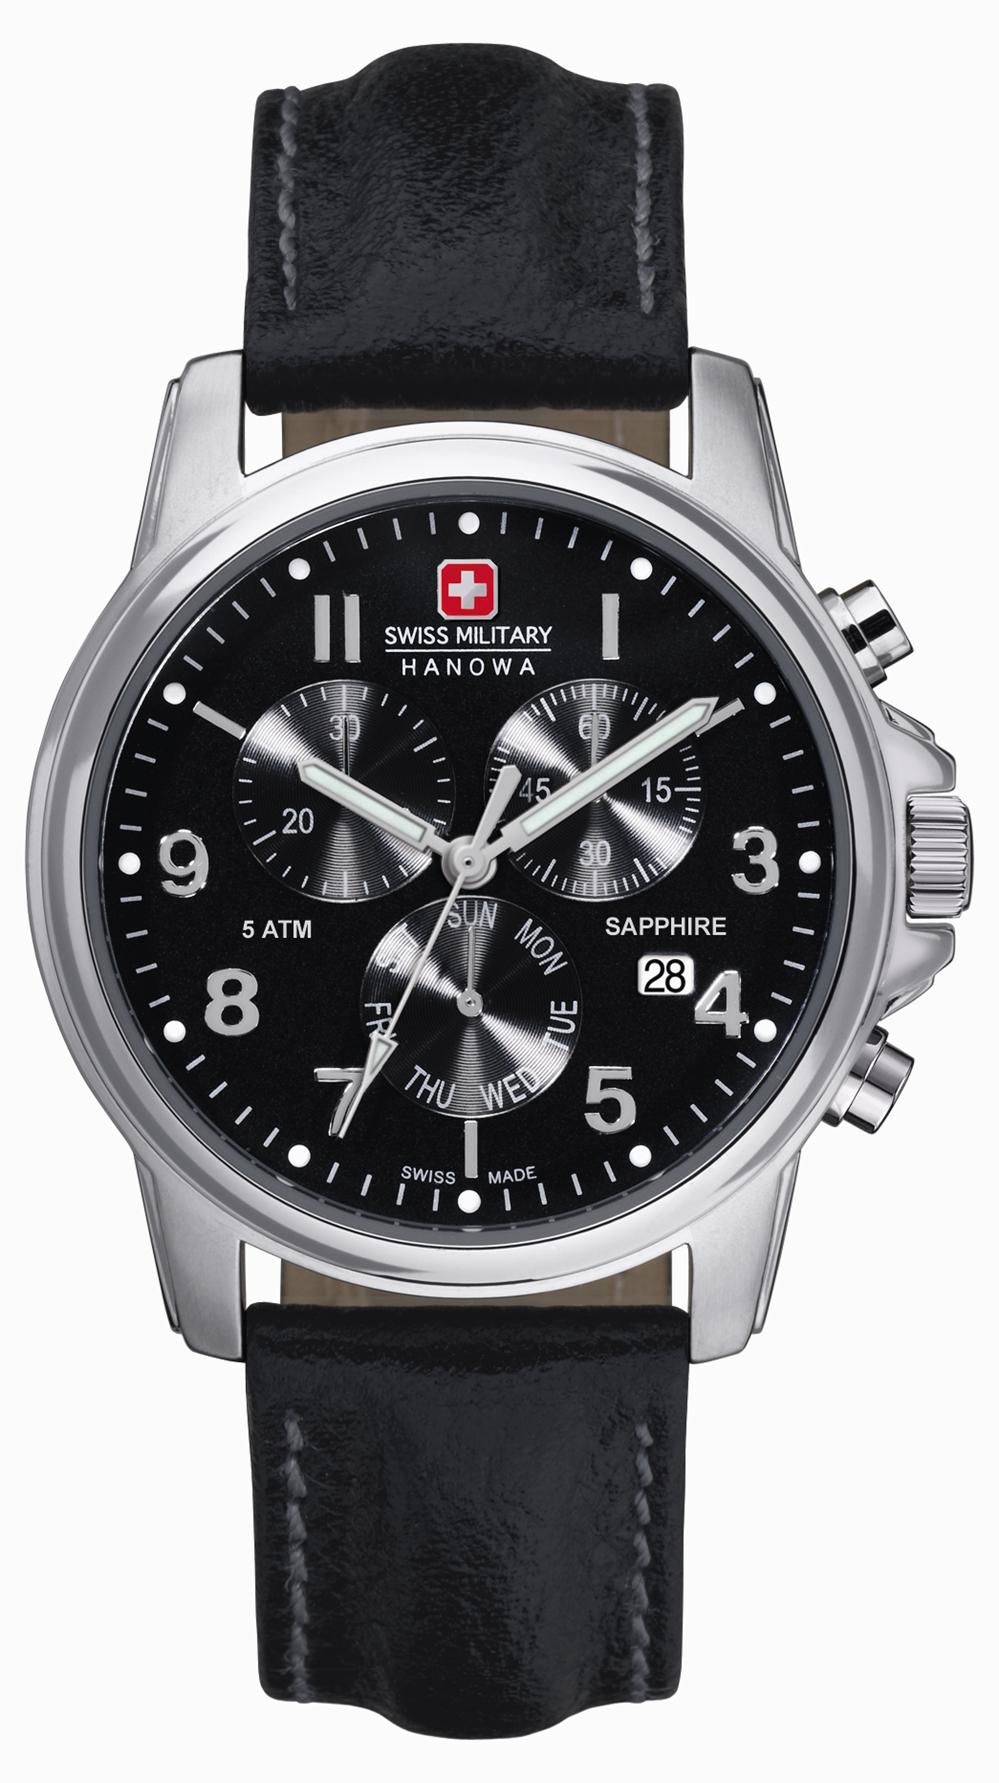 Hanowa Swiss Military